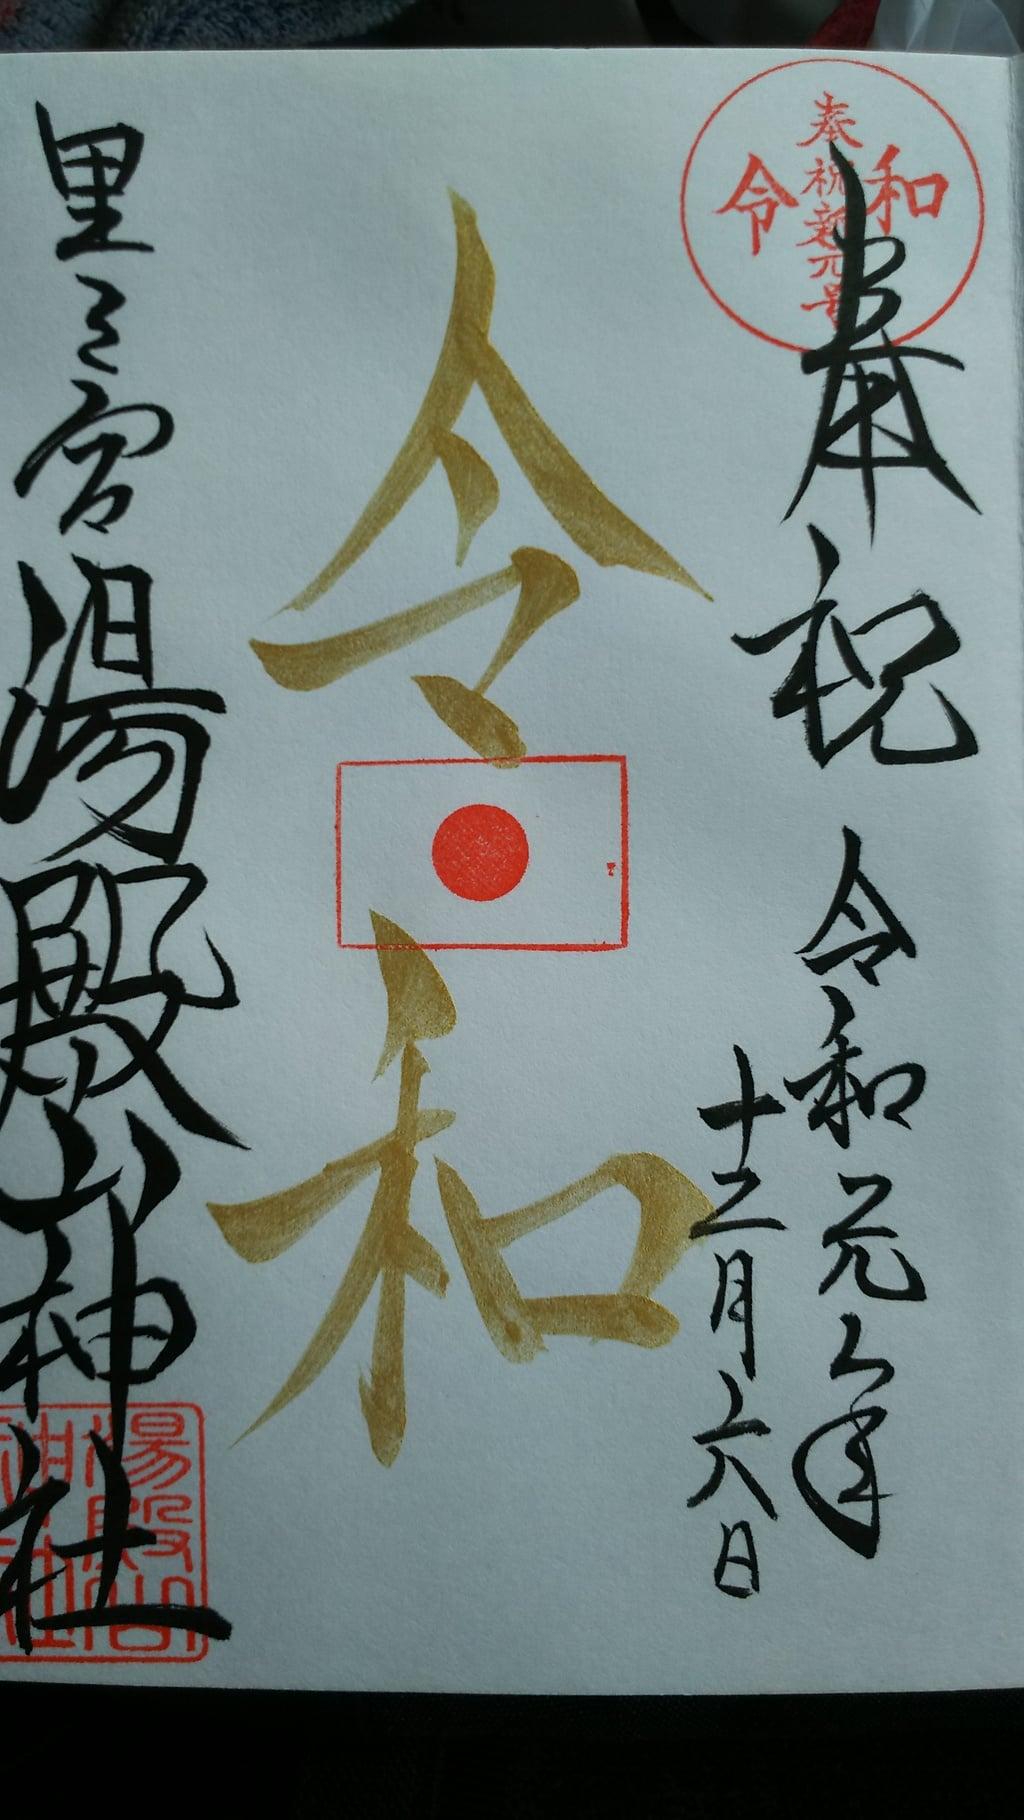 里之宮 湯殿山神社の御朱印